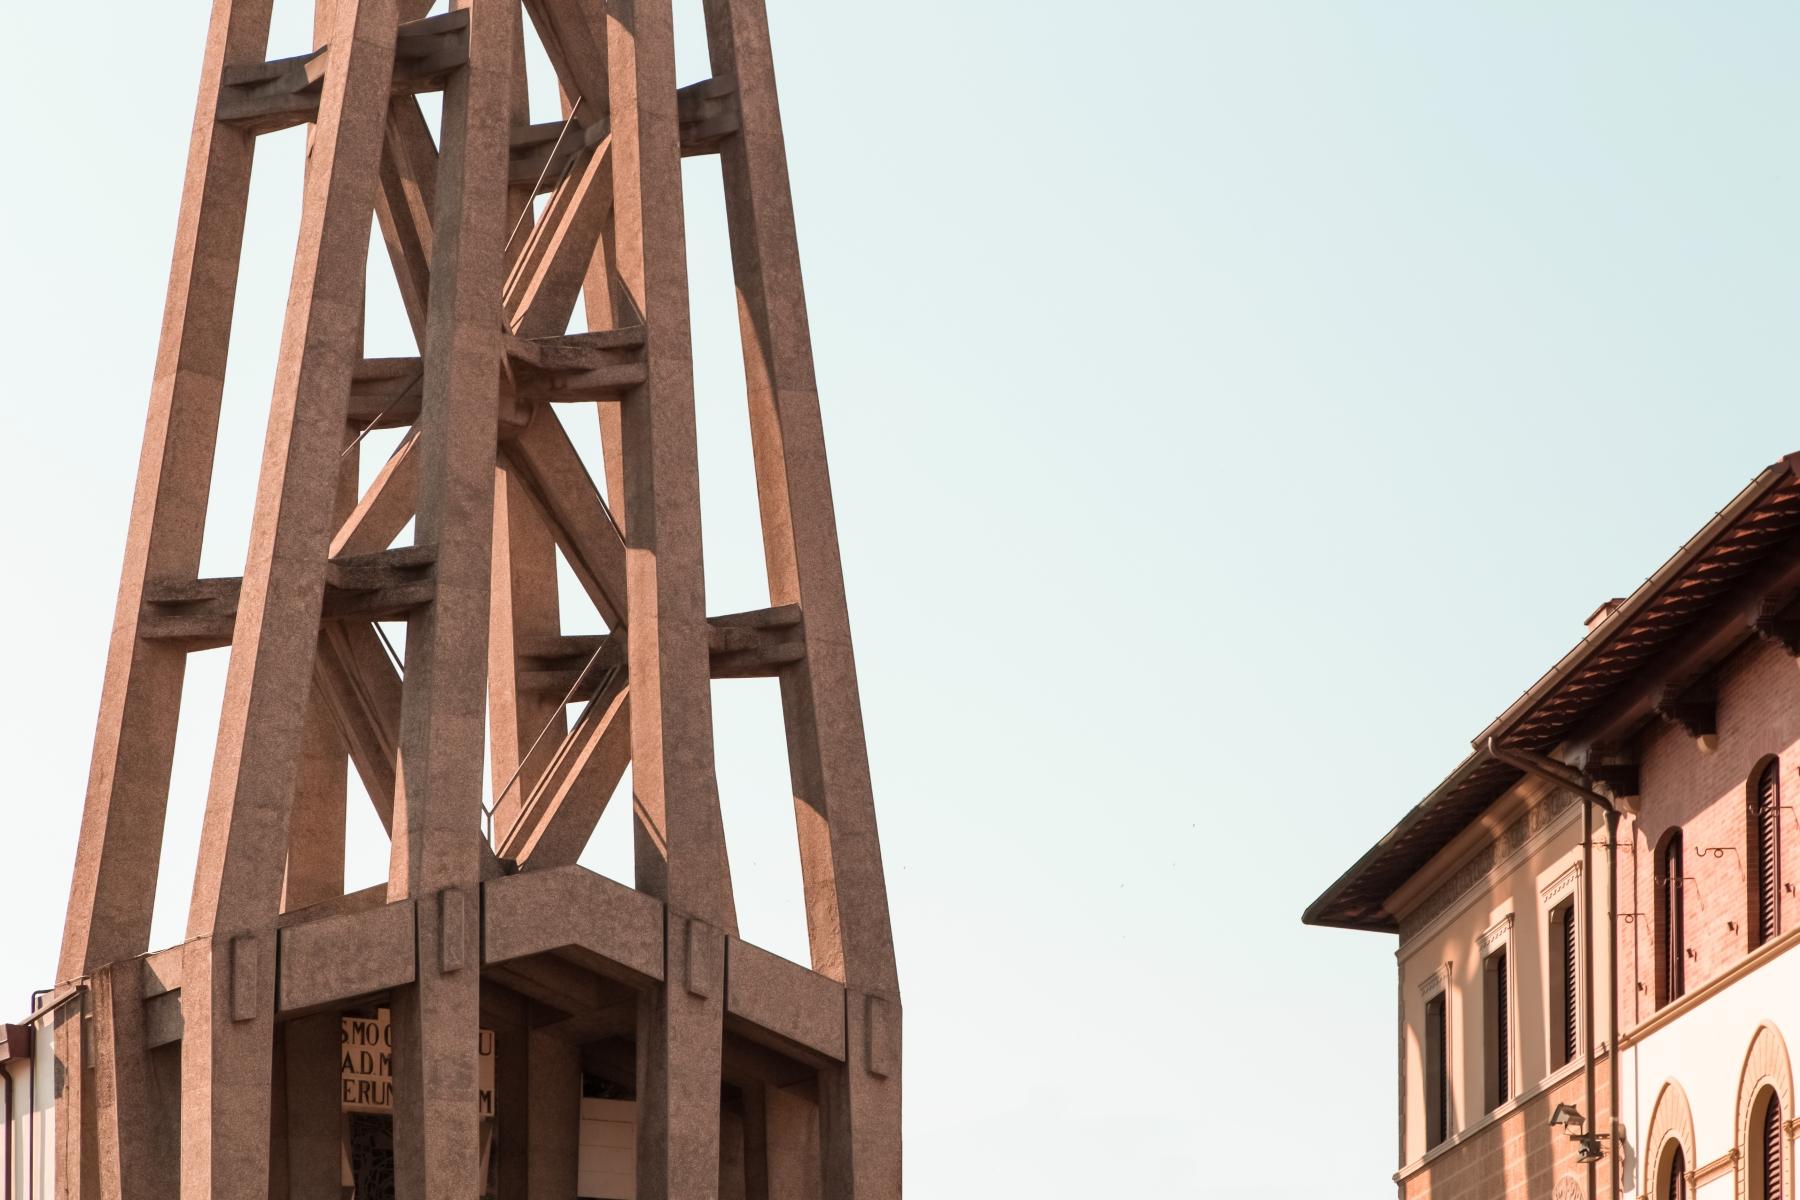 Chiesa Cattolica Parrocchiale del Sacro Cuore - Lando Bartoli e Pier Luigi Nervi